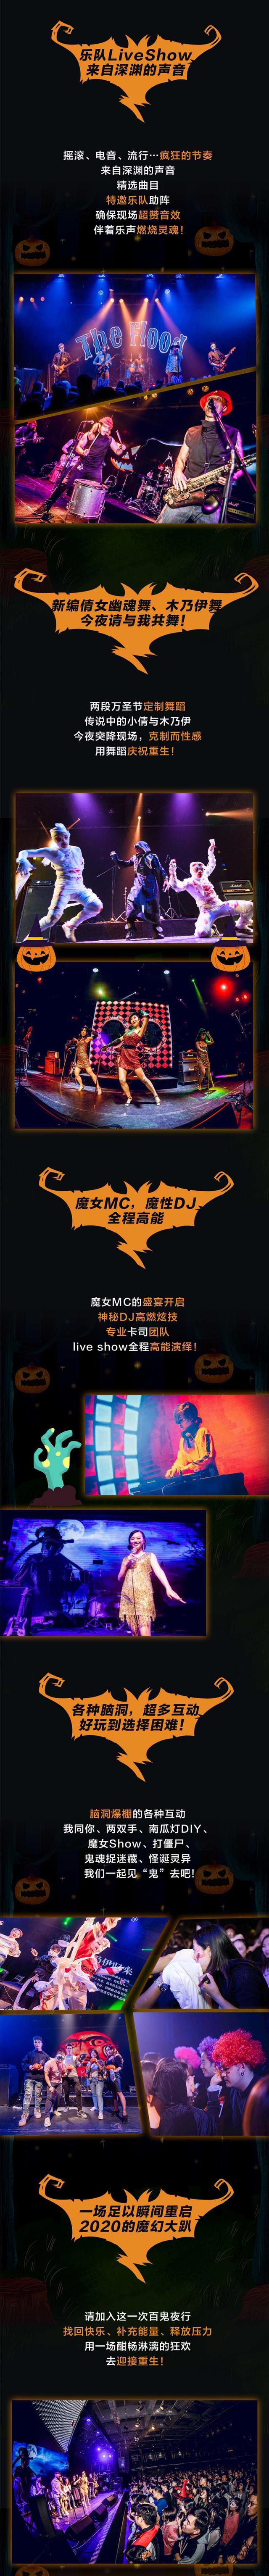 【上海站】2020万圣节魔女惊魂主题惊悚派对 ——因为历尽磨难,人类需要狂欢 LVH1